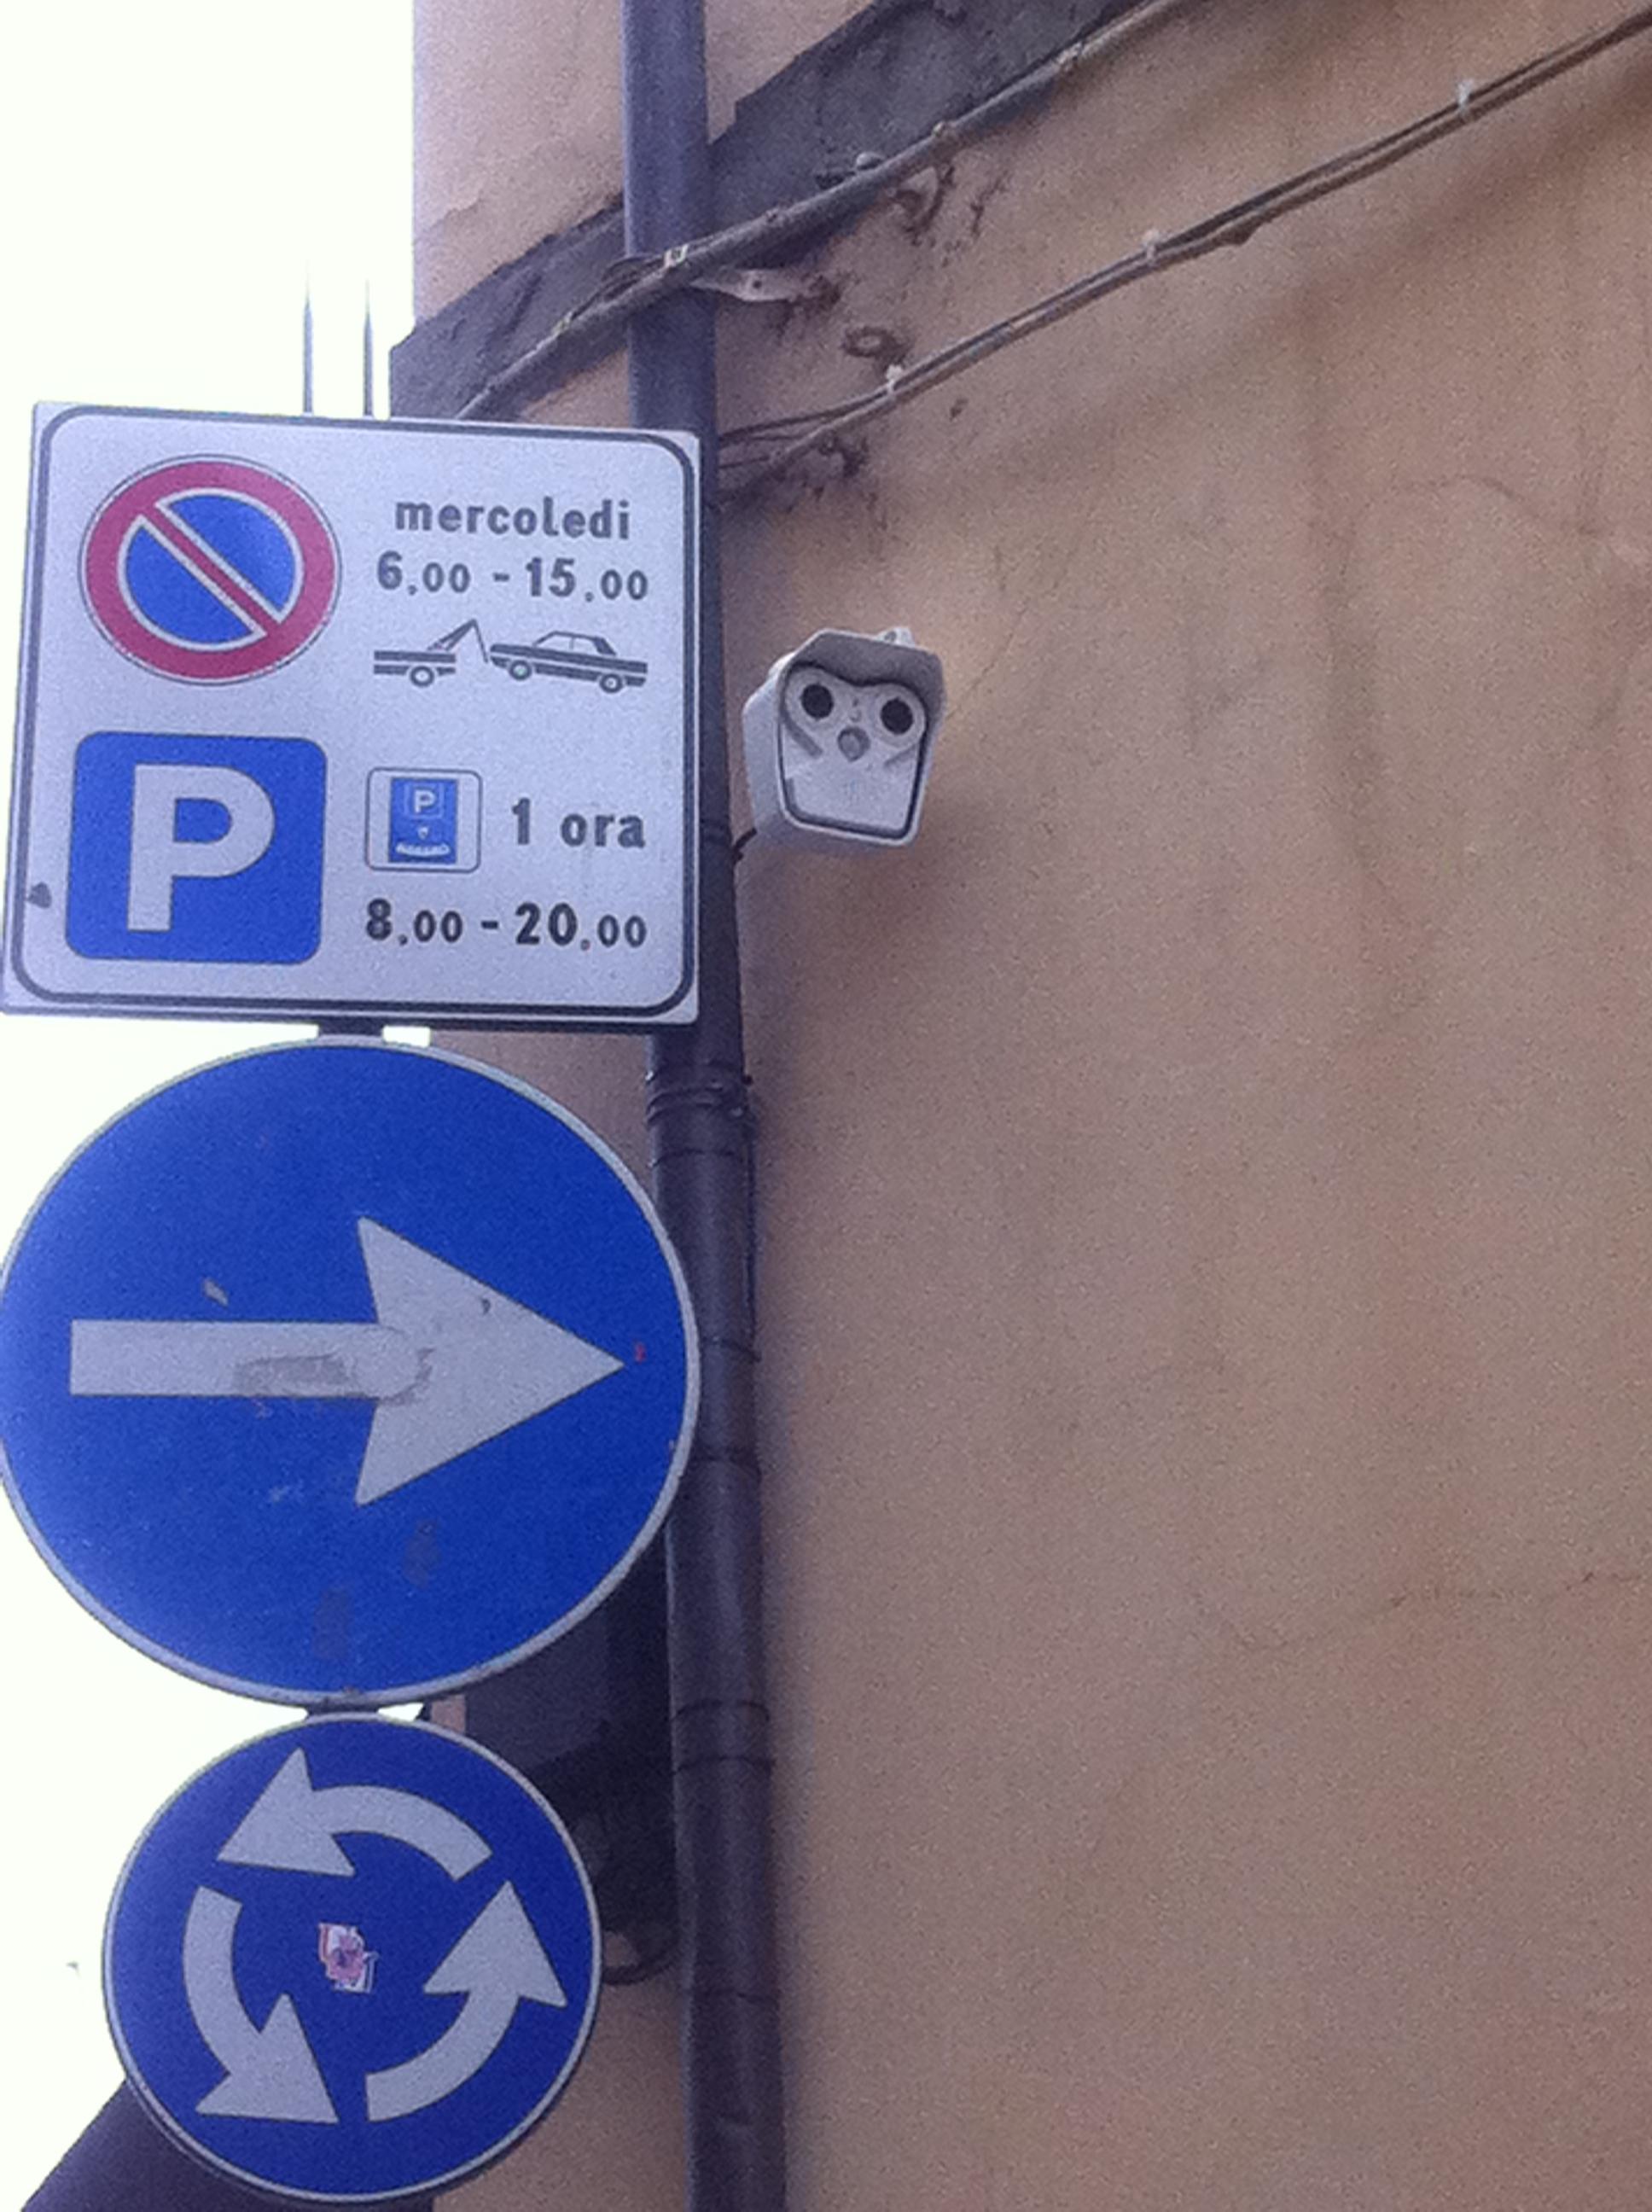 Videosorveglianza, nuove telecamere installate a Monte San Savino